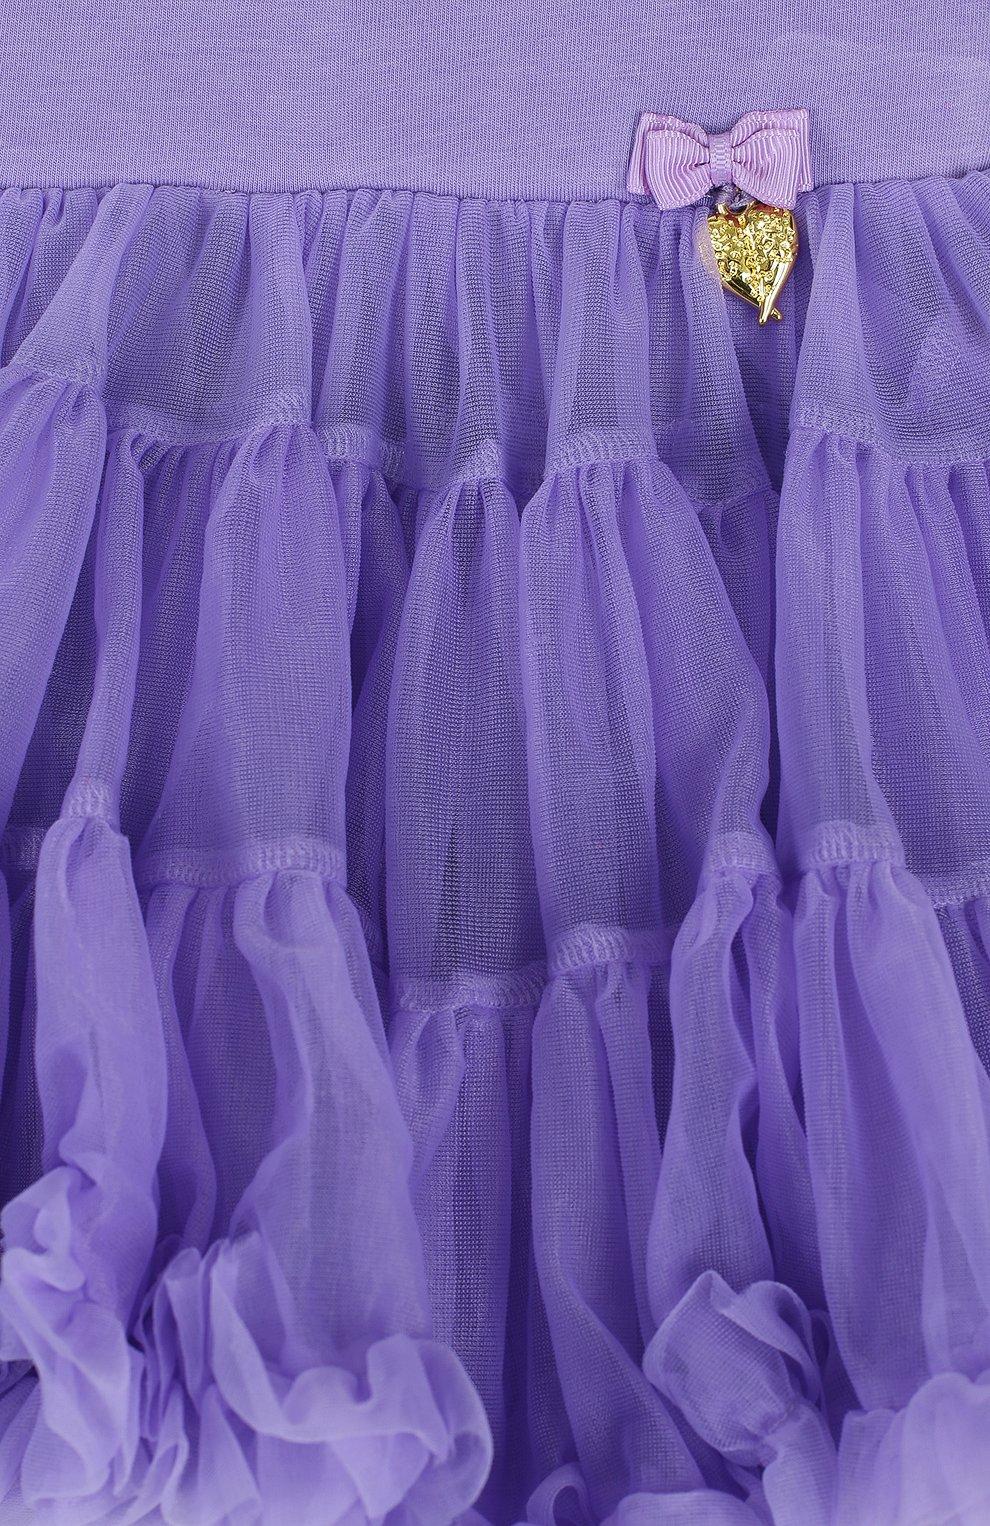 Детская многослойная мини-юбка свободного кроя с оборкой ANGEL'S FACE фиолетового цвета, арт. SKIRT/CHARMTUTU/2-7 | Фото 3